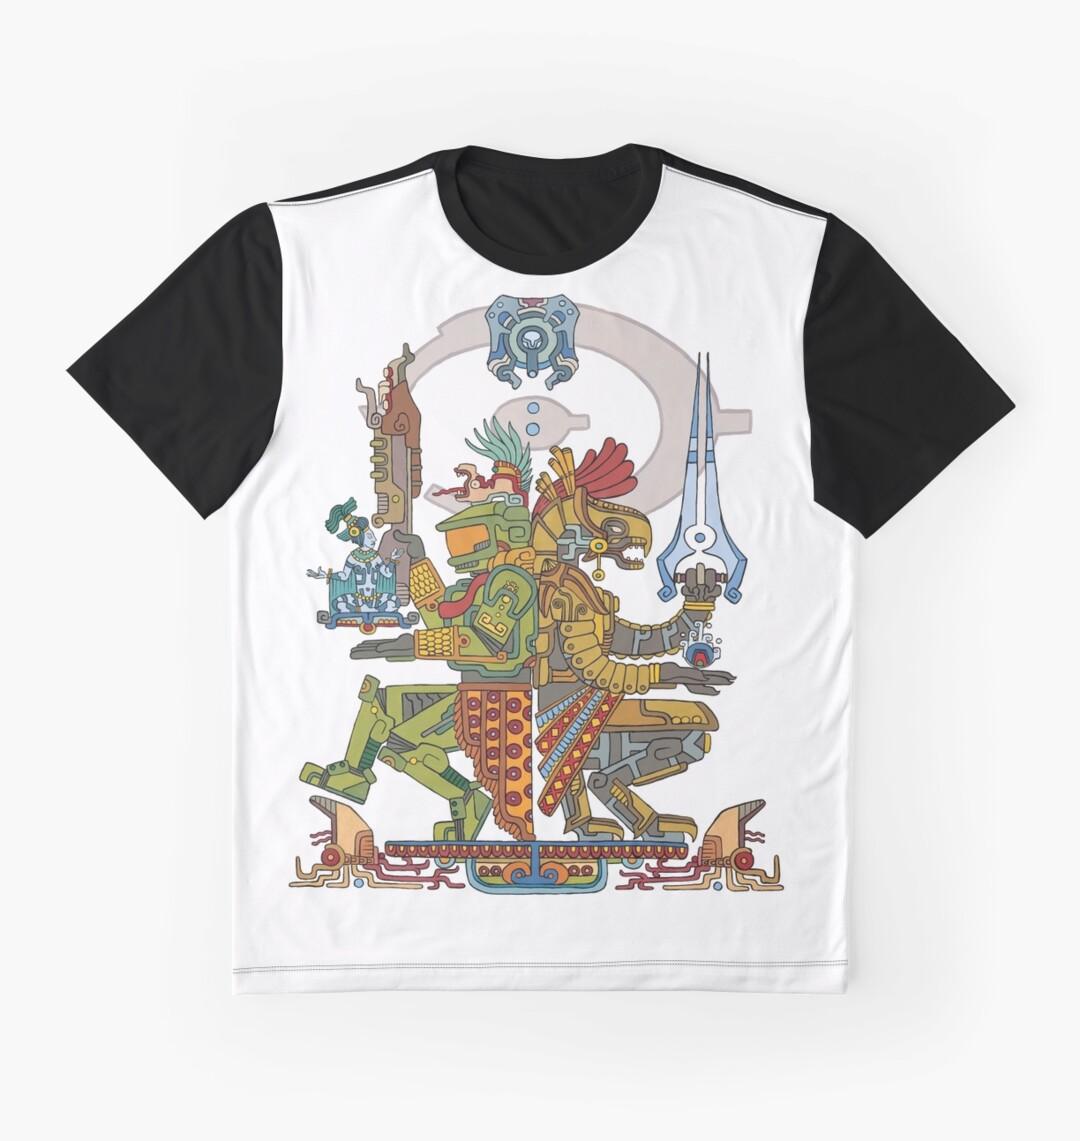 Design shirt redbubble - Halo Inspired Maya Design Gods Among